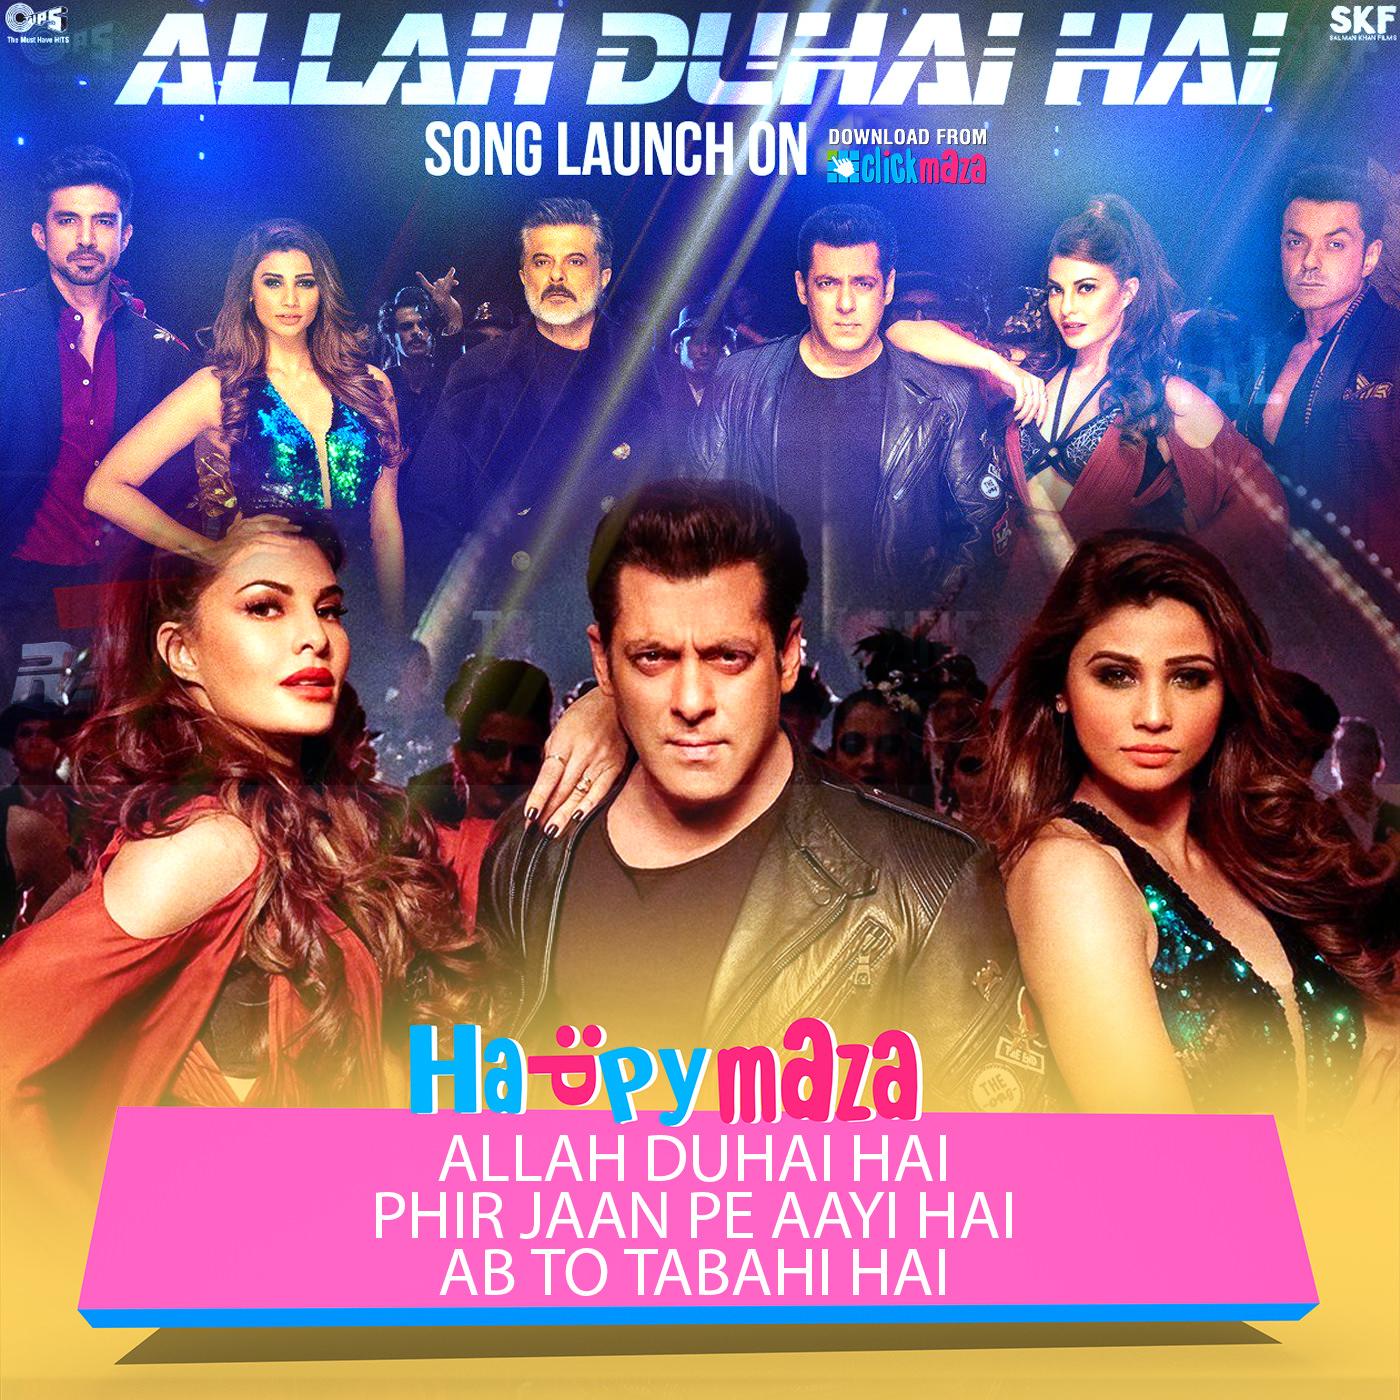 Allah Duhai Hai Lyrics - Race 3 - Salman Khan 2018